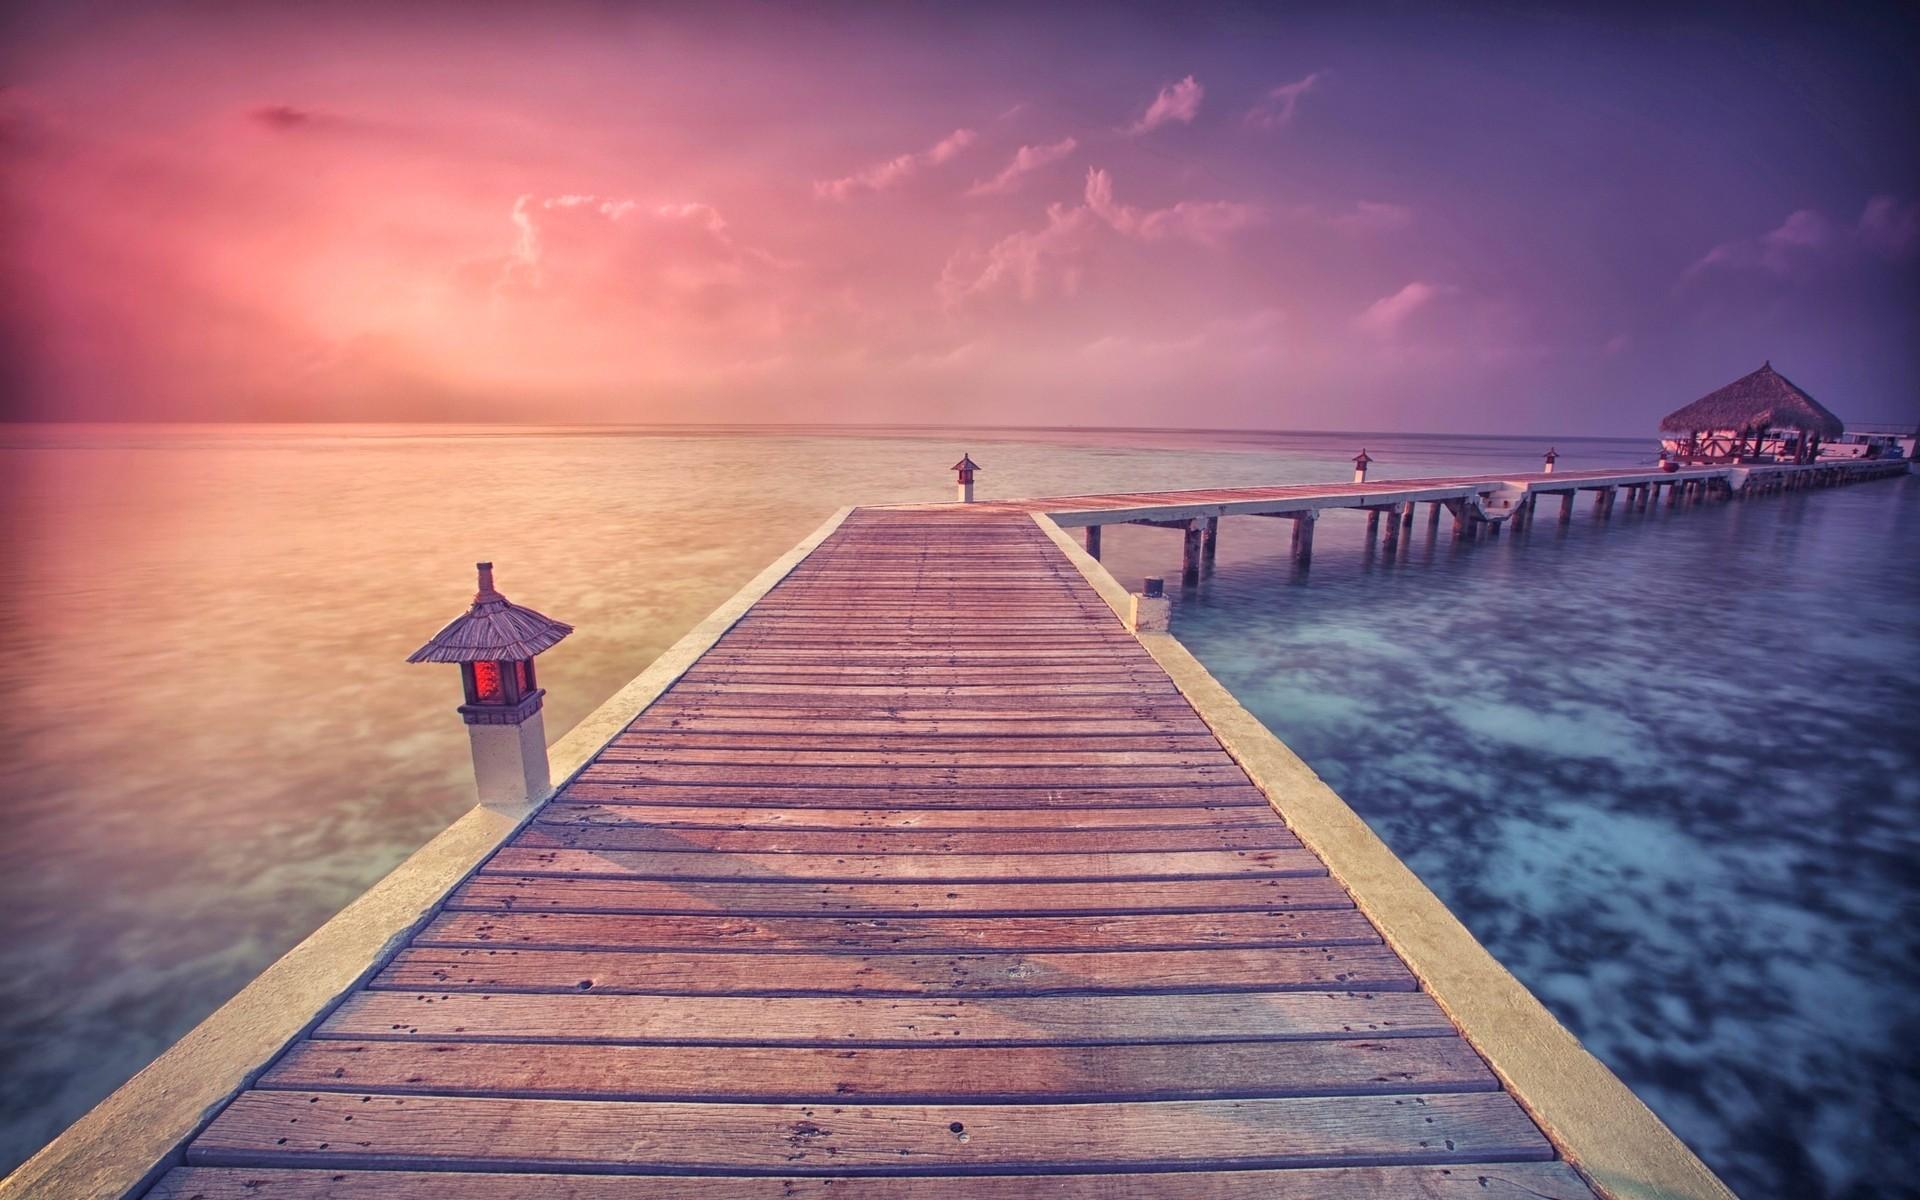 Sfondi Luce Del Sole Luci Tramonto Mare Acqua Spiaggia Casa